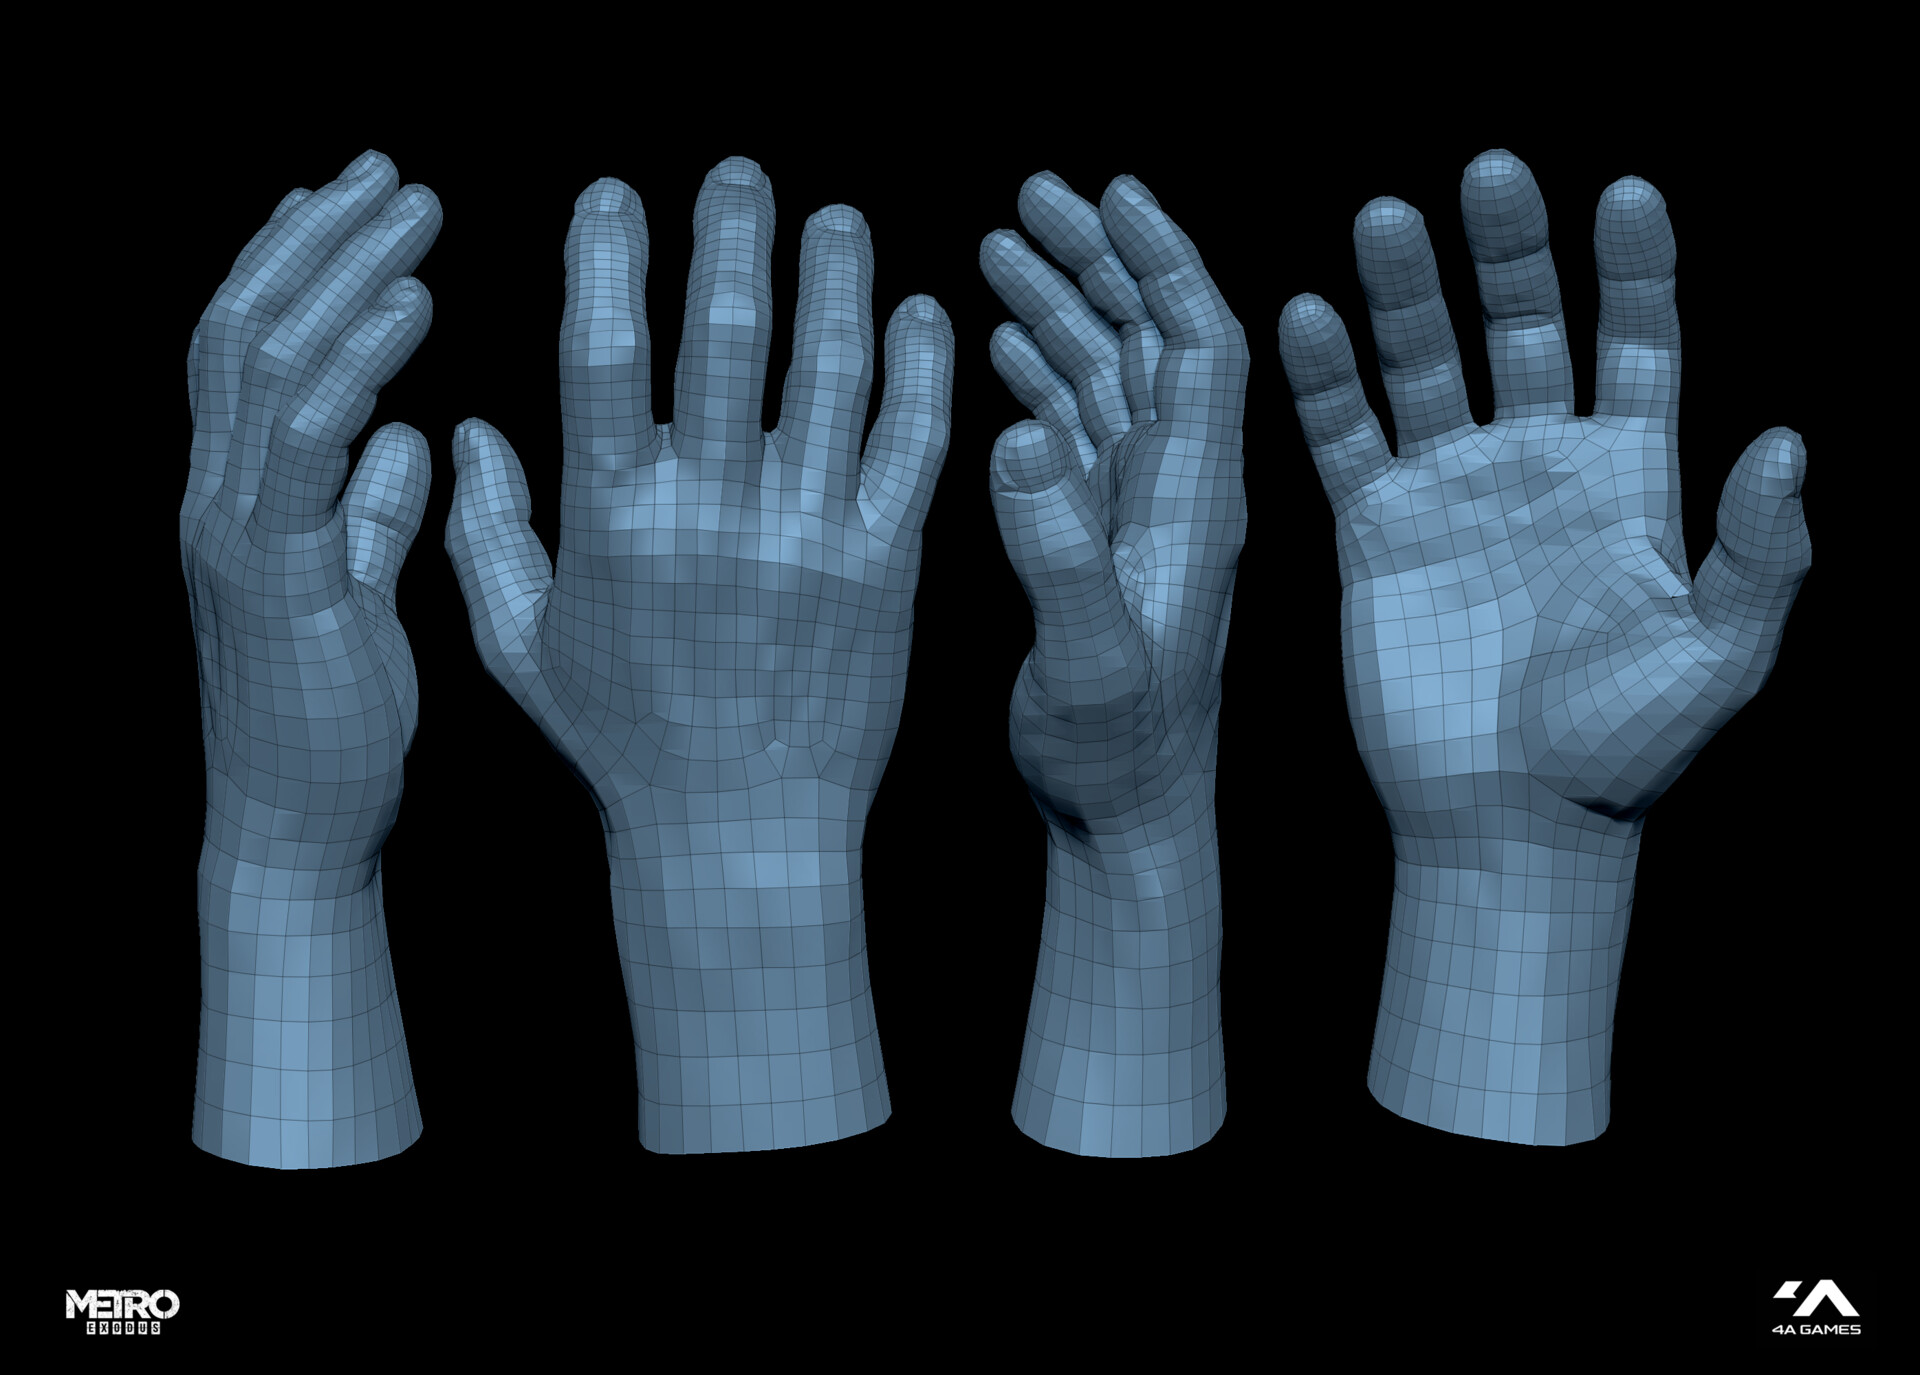 Retopology, UV-mapping, and rig-test by Dmitriy Pilipov  https://www.artstation.com/dmitriypilipov